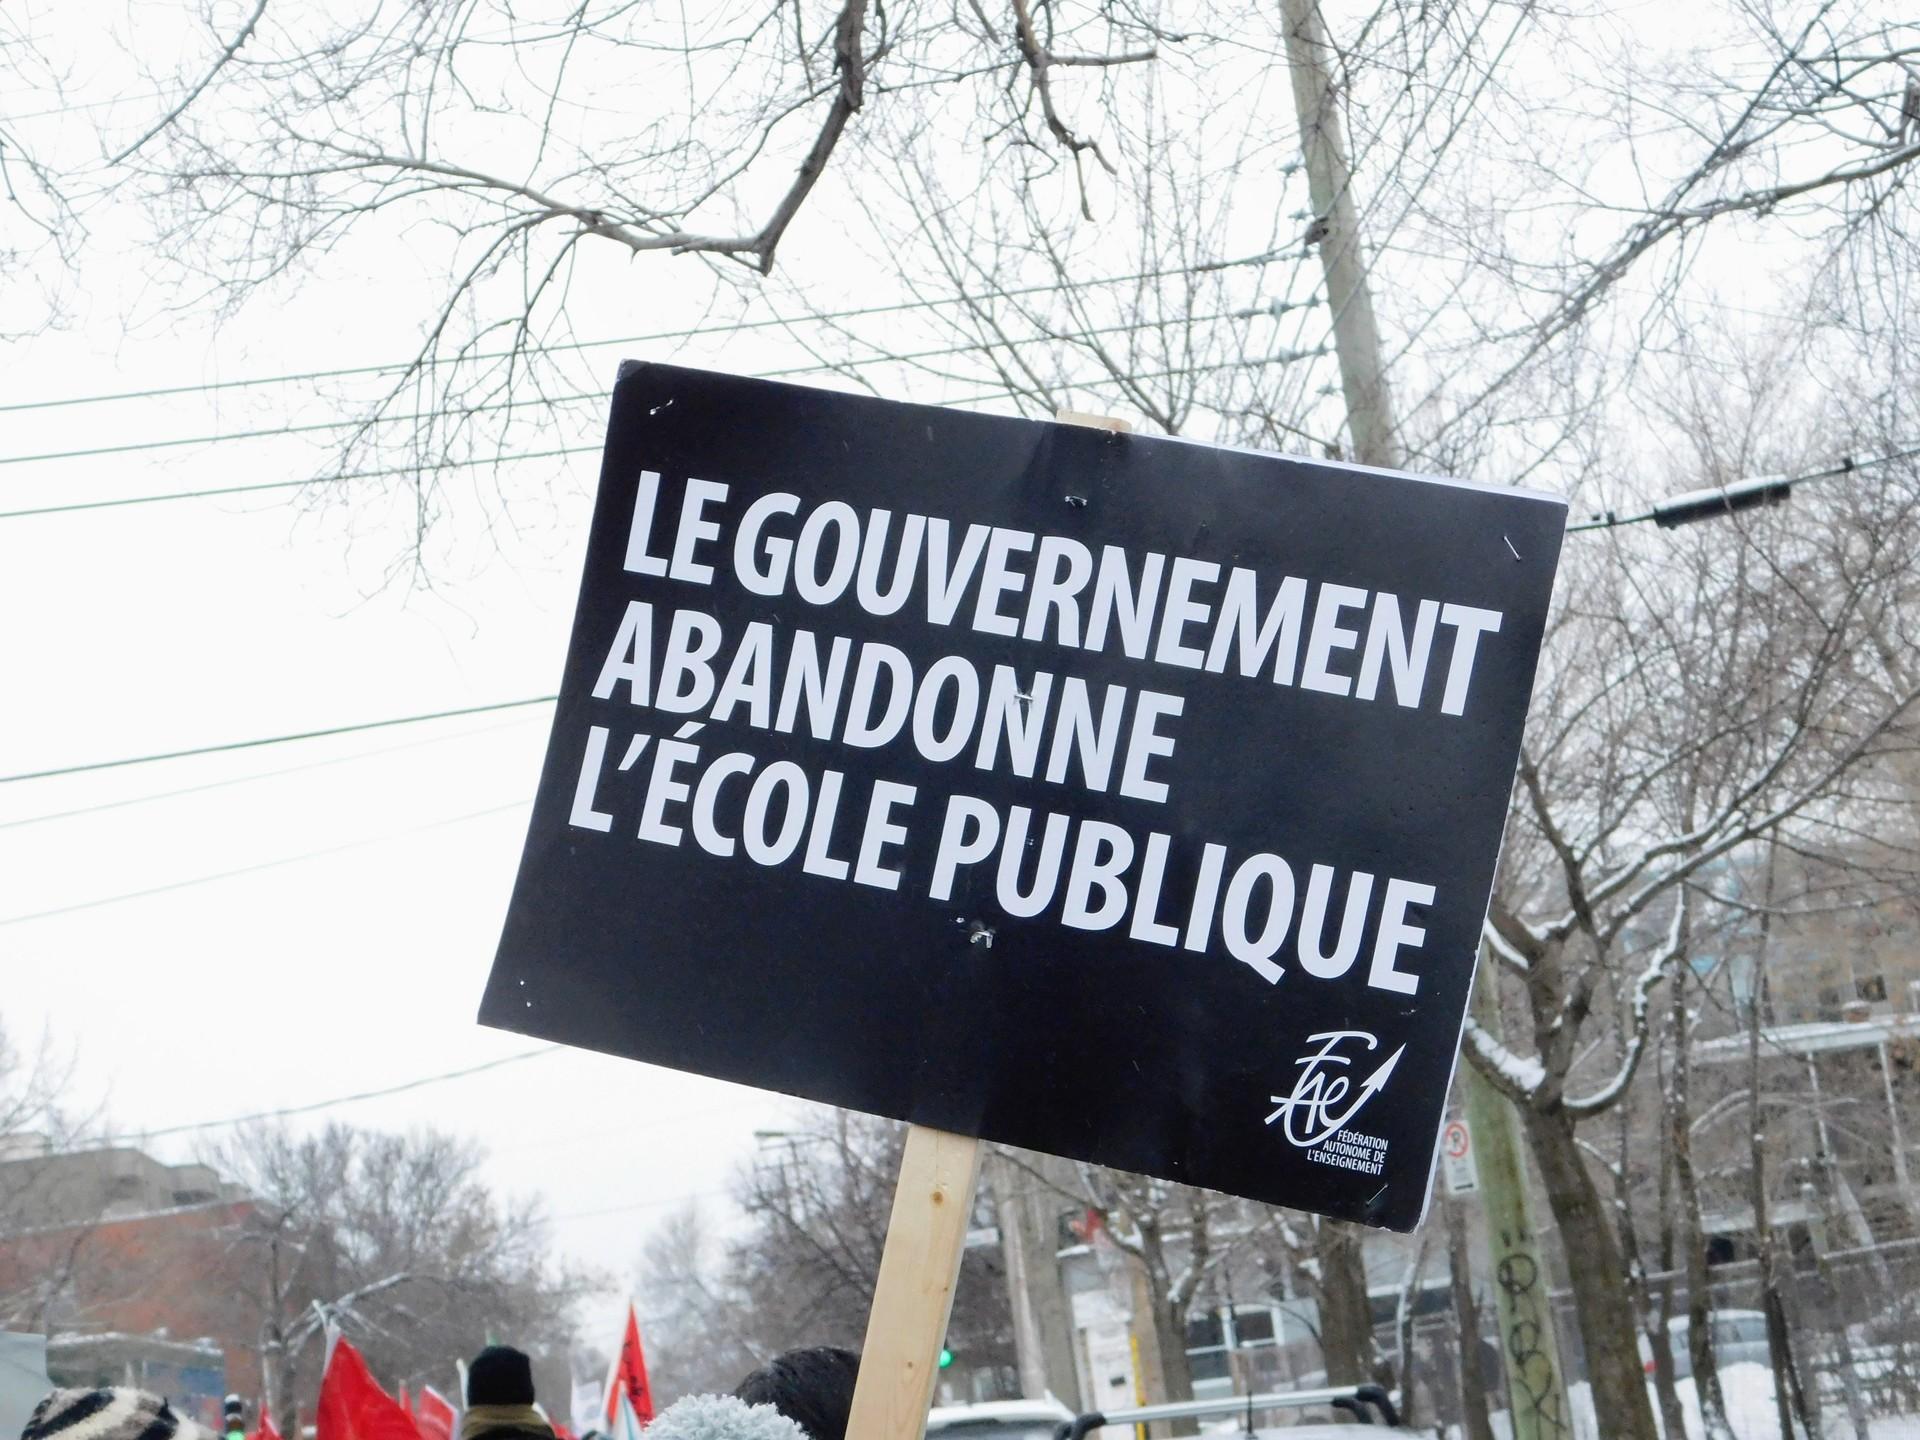 Je soutiens l'école publique | rick.cognyl.fournier, finance, outdoors, rally